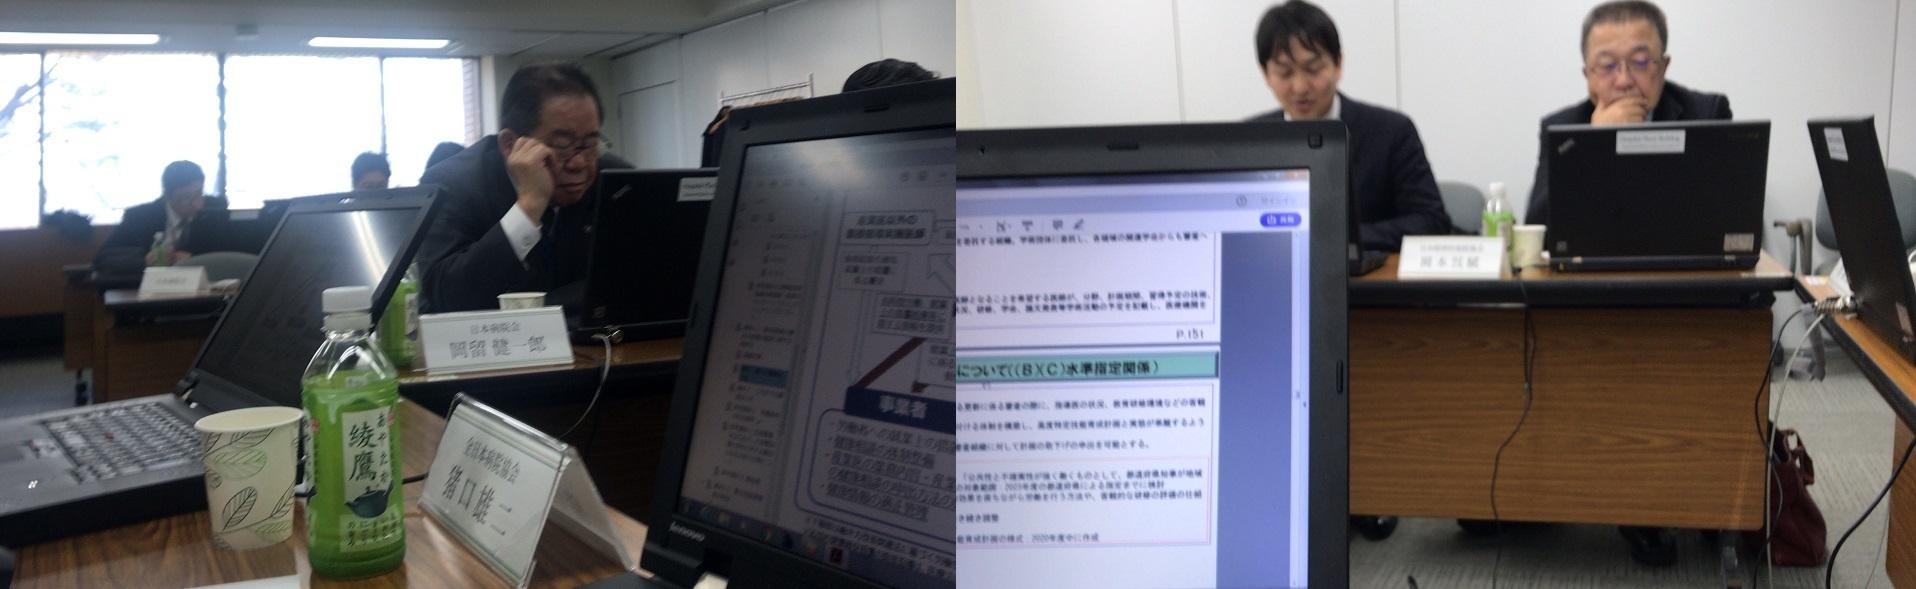 タスク・シフト/シェアの推進と医師の働き方改革の推進_b0115629_23095822.jpg